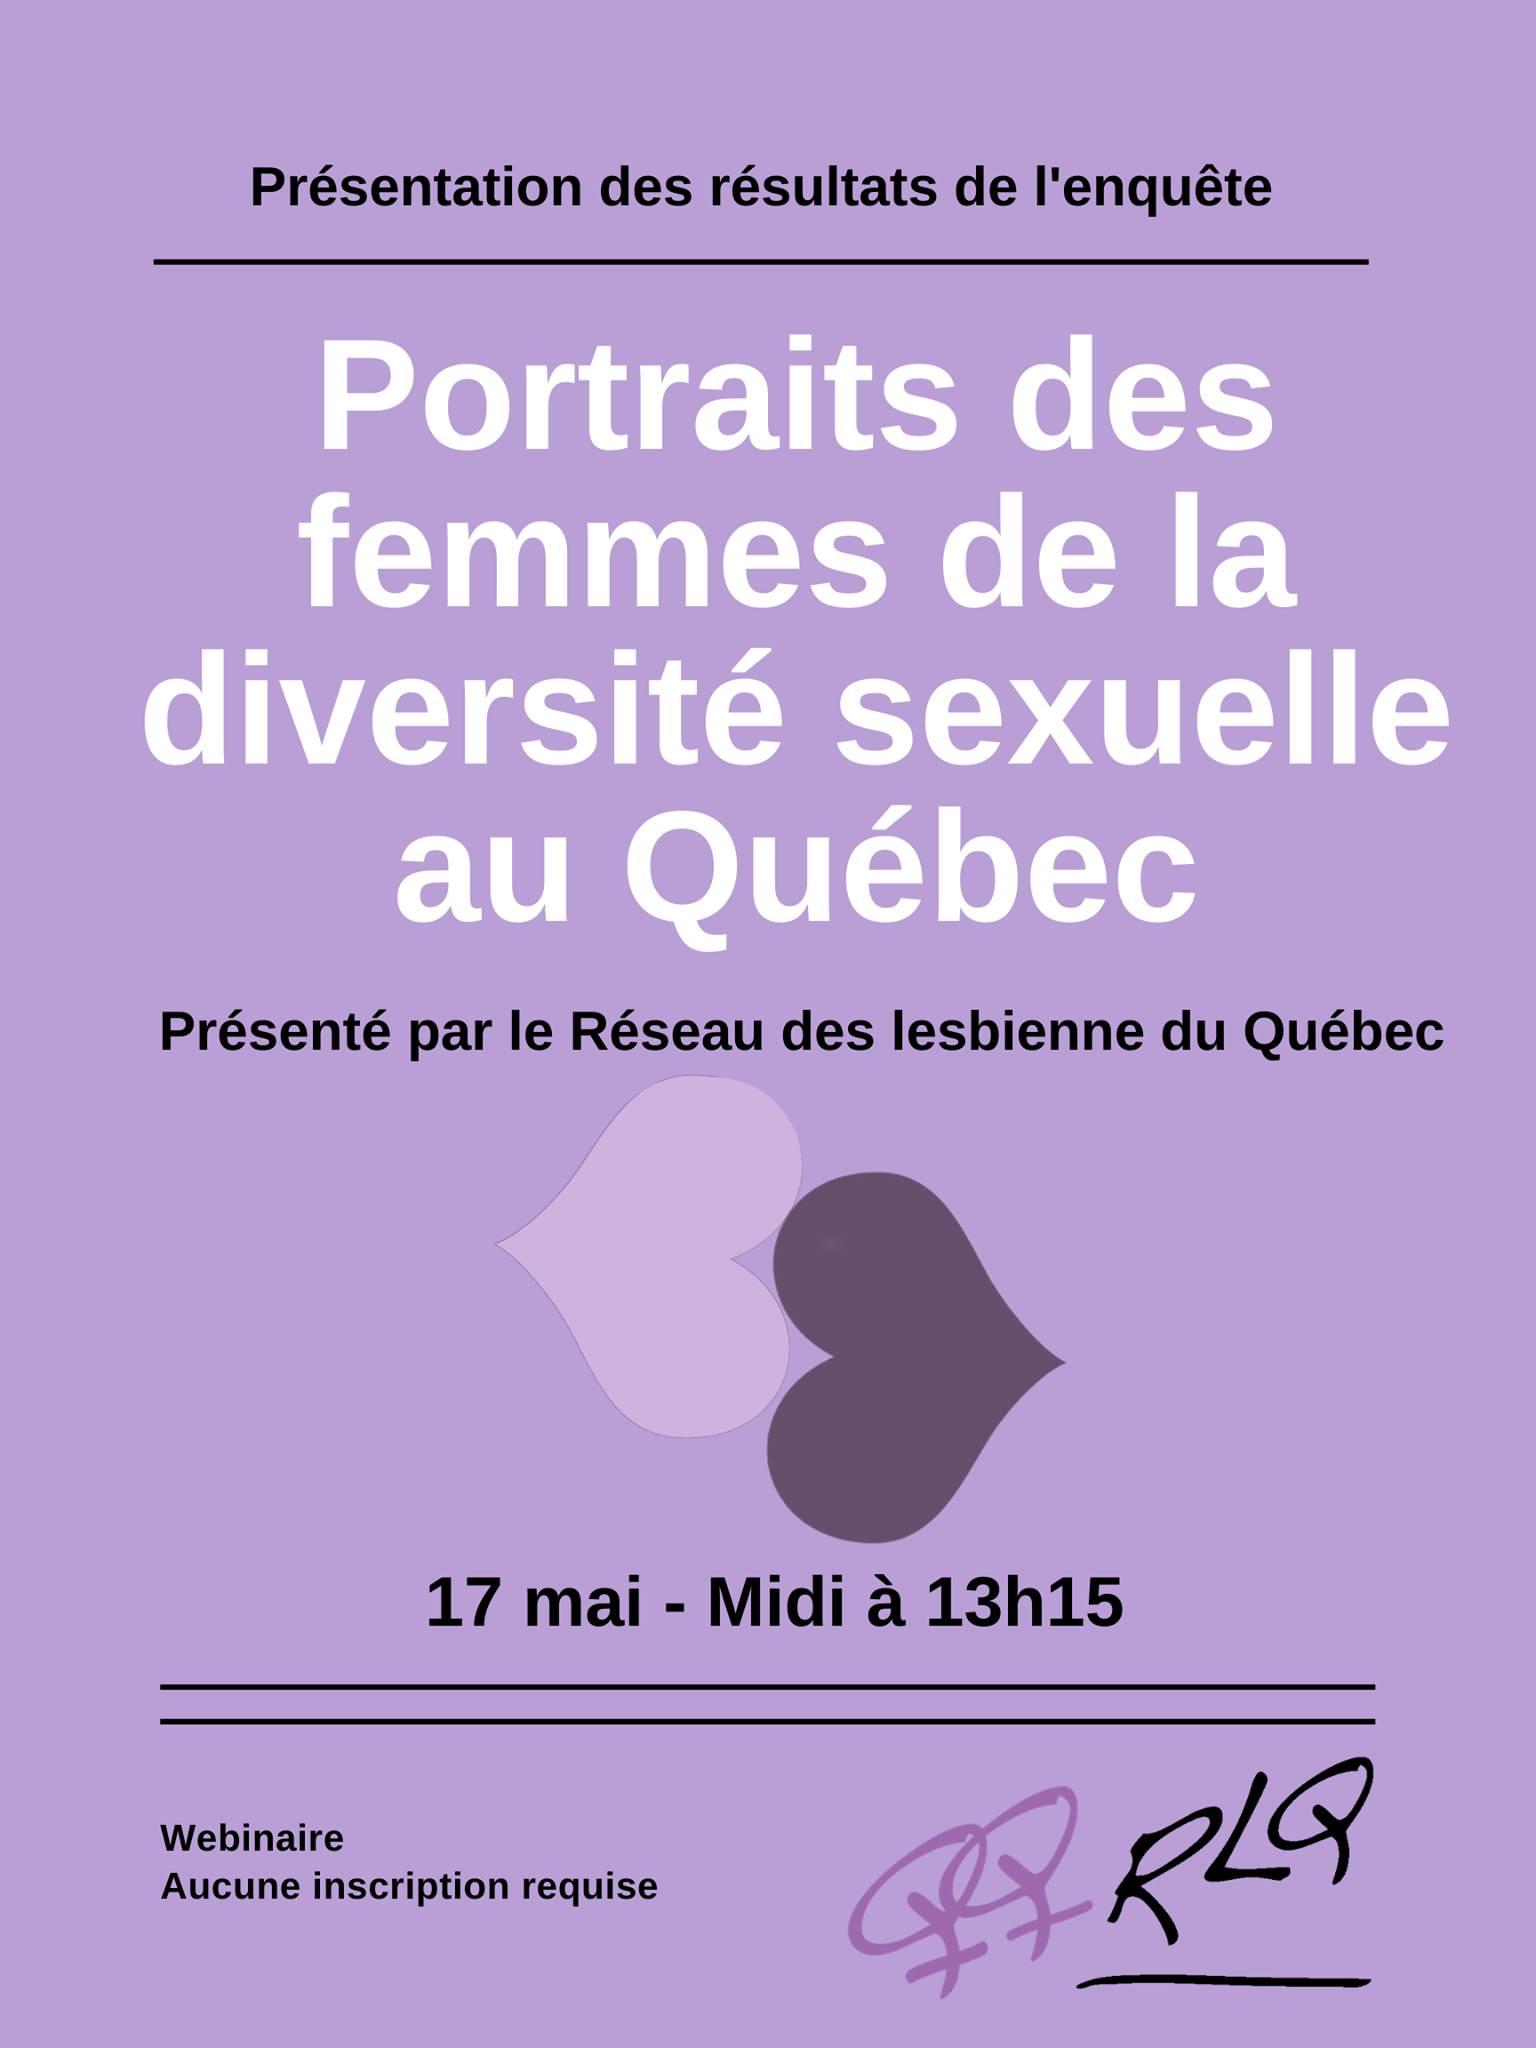 Lancement de l'enquête «Portraits des femmes de la diversité sexuelle» du RLQ